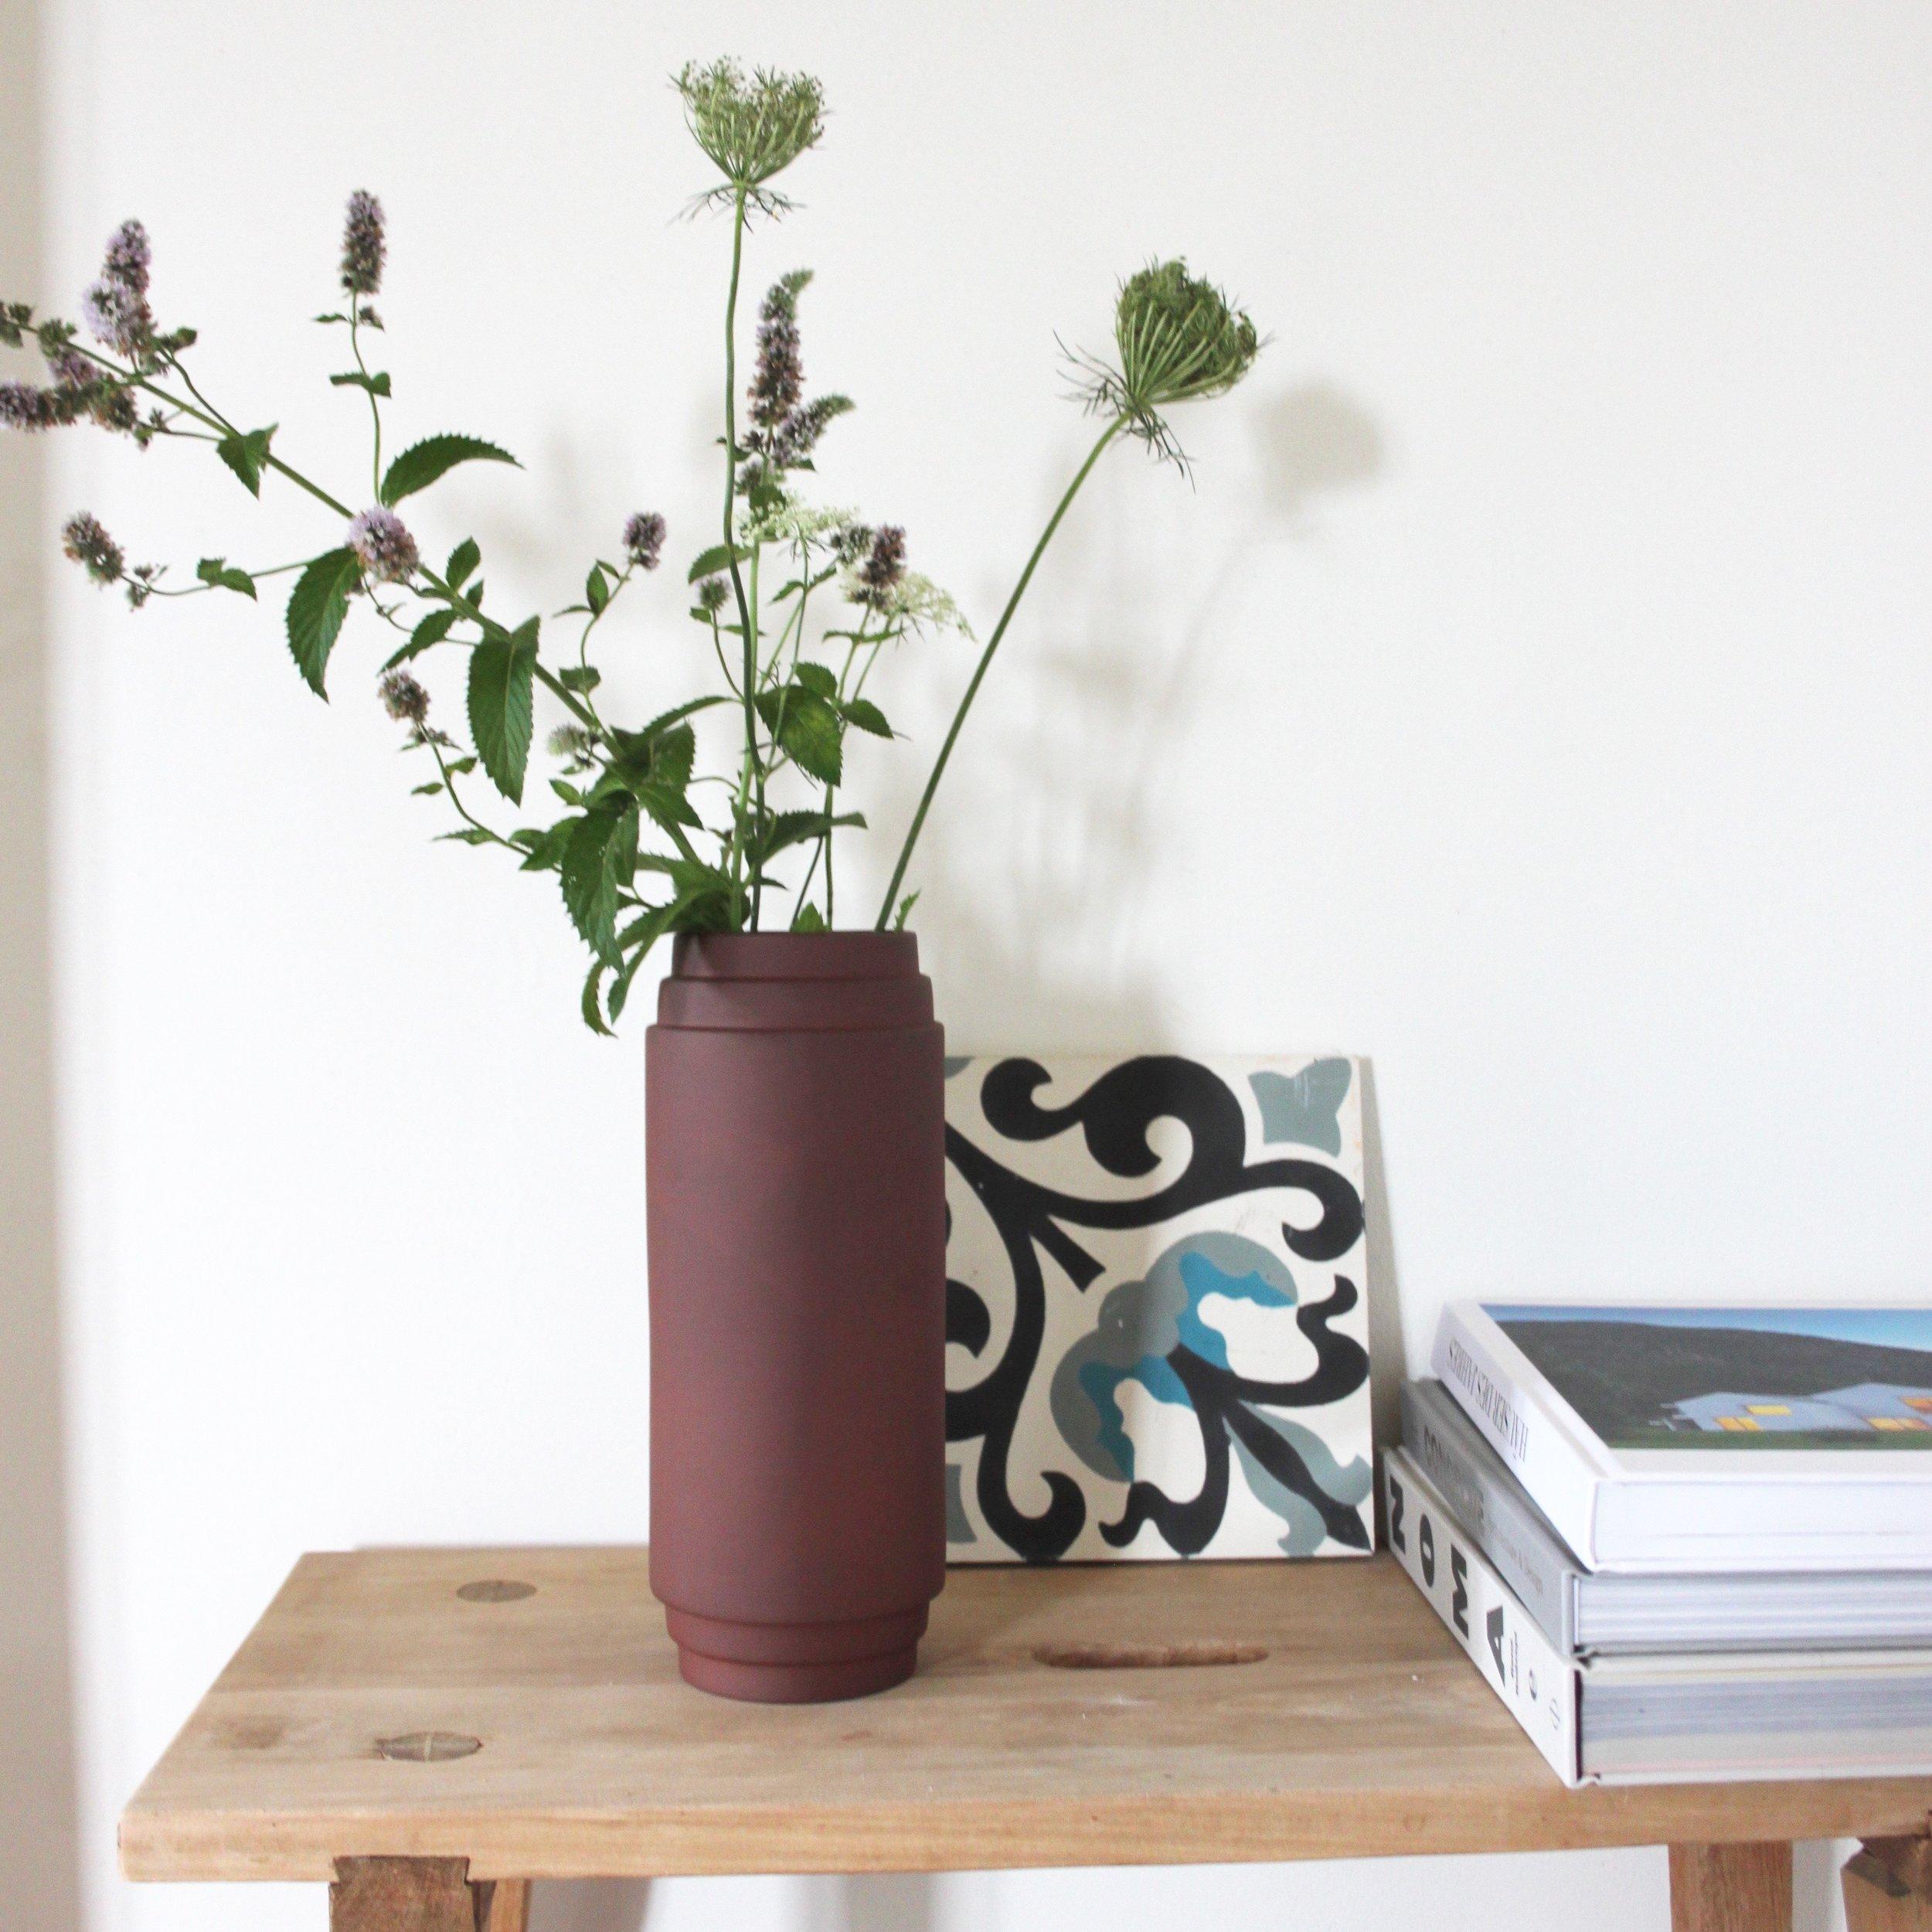 Die Natürliche  Die Vase Edge von Skagerak ist aus Terrakotta und erinnert mit ihrer Form an eine griechische Schönheit. Sie ist in 3 verschiedenen Grössen erhältlich.